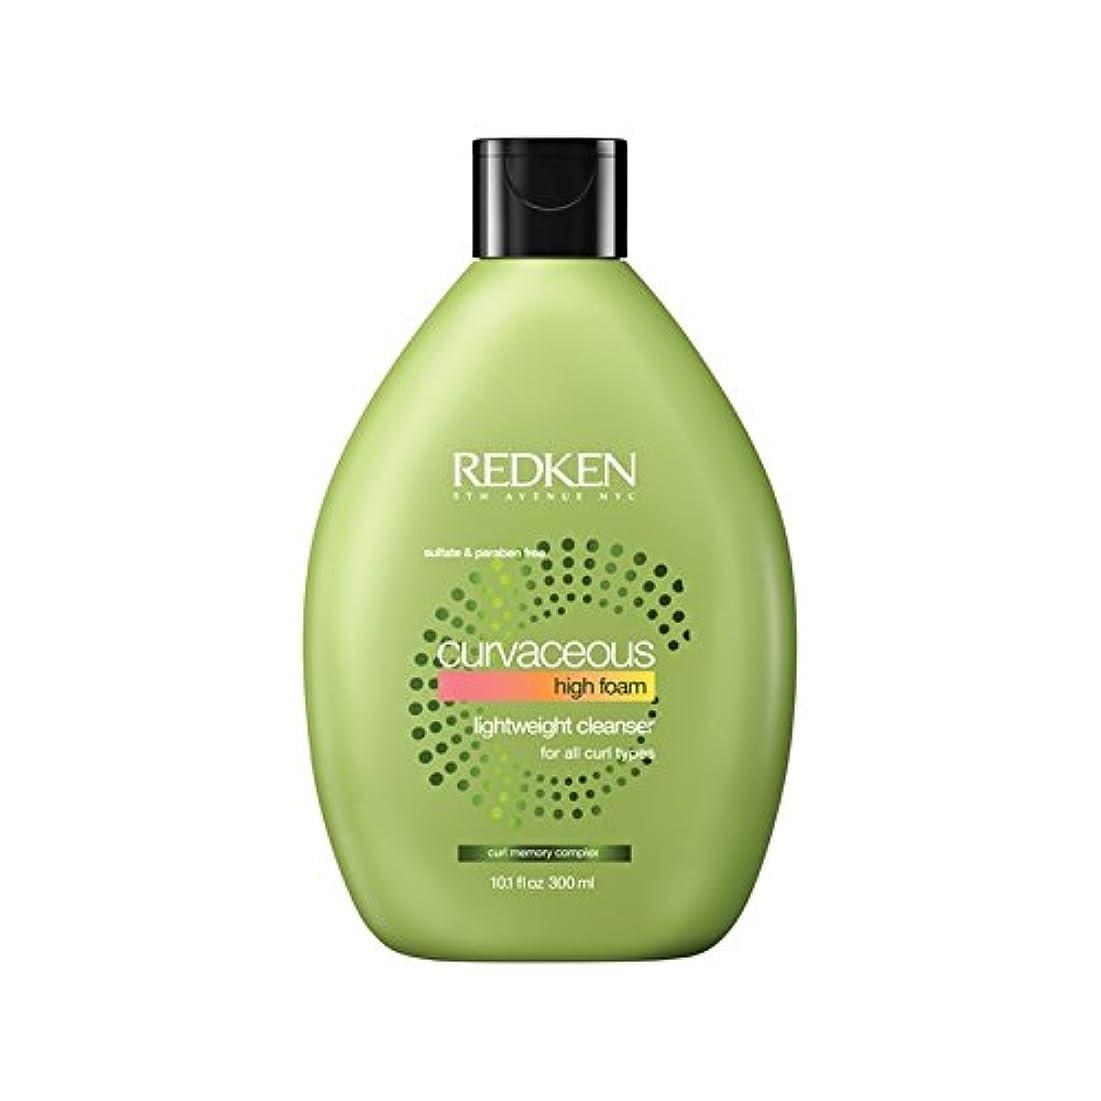 熱心な曲げるむき出しRedken Curvaceous High Foam Shampoo 300ml (Pack of 6) - レッドケン曲線美の高い泡シャンプー300ミリリットル x6 [並行輸入品]